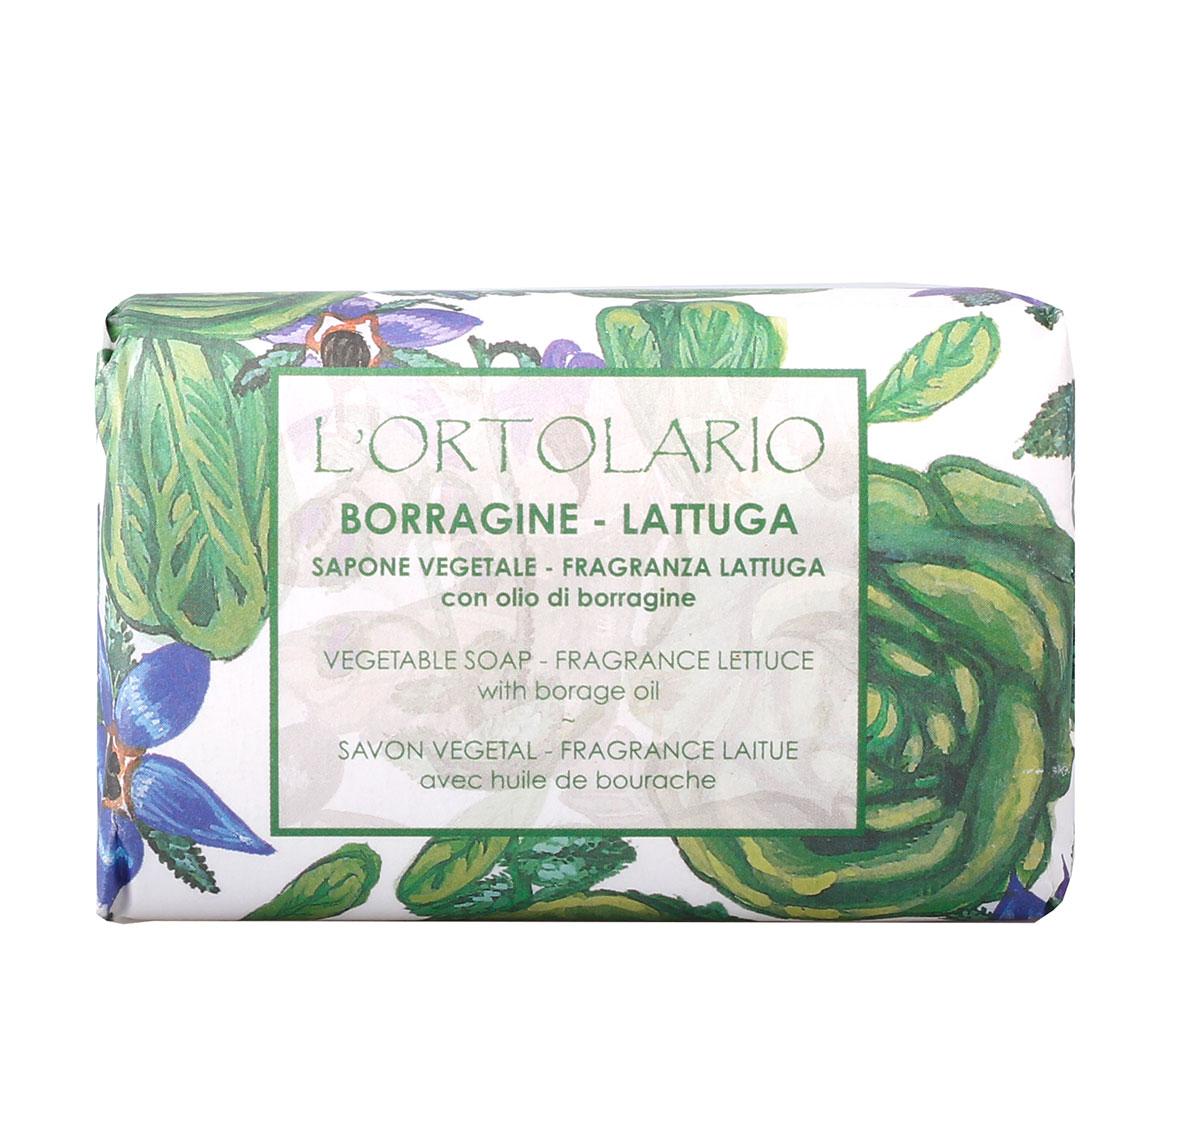 Iteritalia Мыло натуральное с ароматом латука и маслом бурачника, 150 г706Натуральное косметическое мыло ,изготовленное в соответствии с античными традициями мастеров Саронно.Содержит масло бурачника,которое обладает смягчающими и питательными свойствами. Для всех типов кожи,в том числе для сухой и чувствительной.